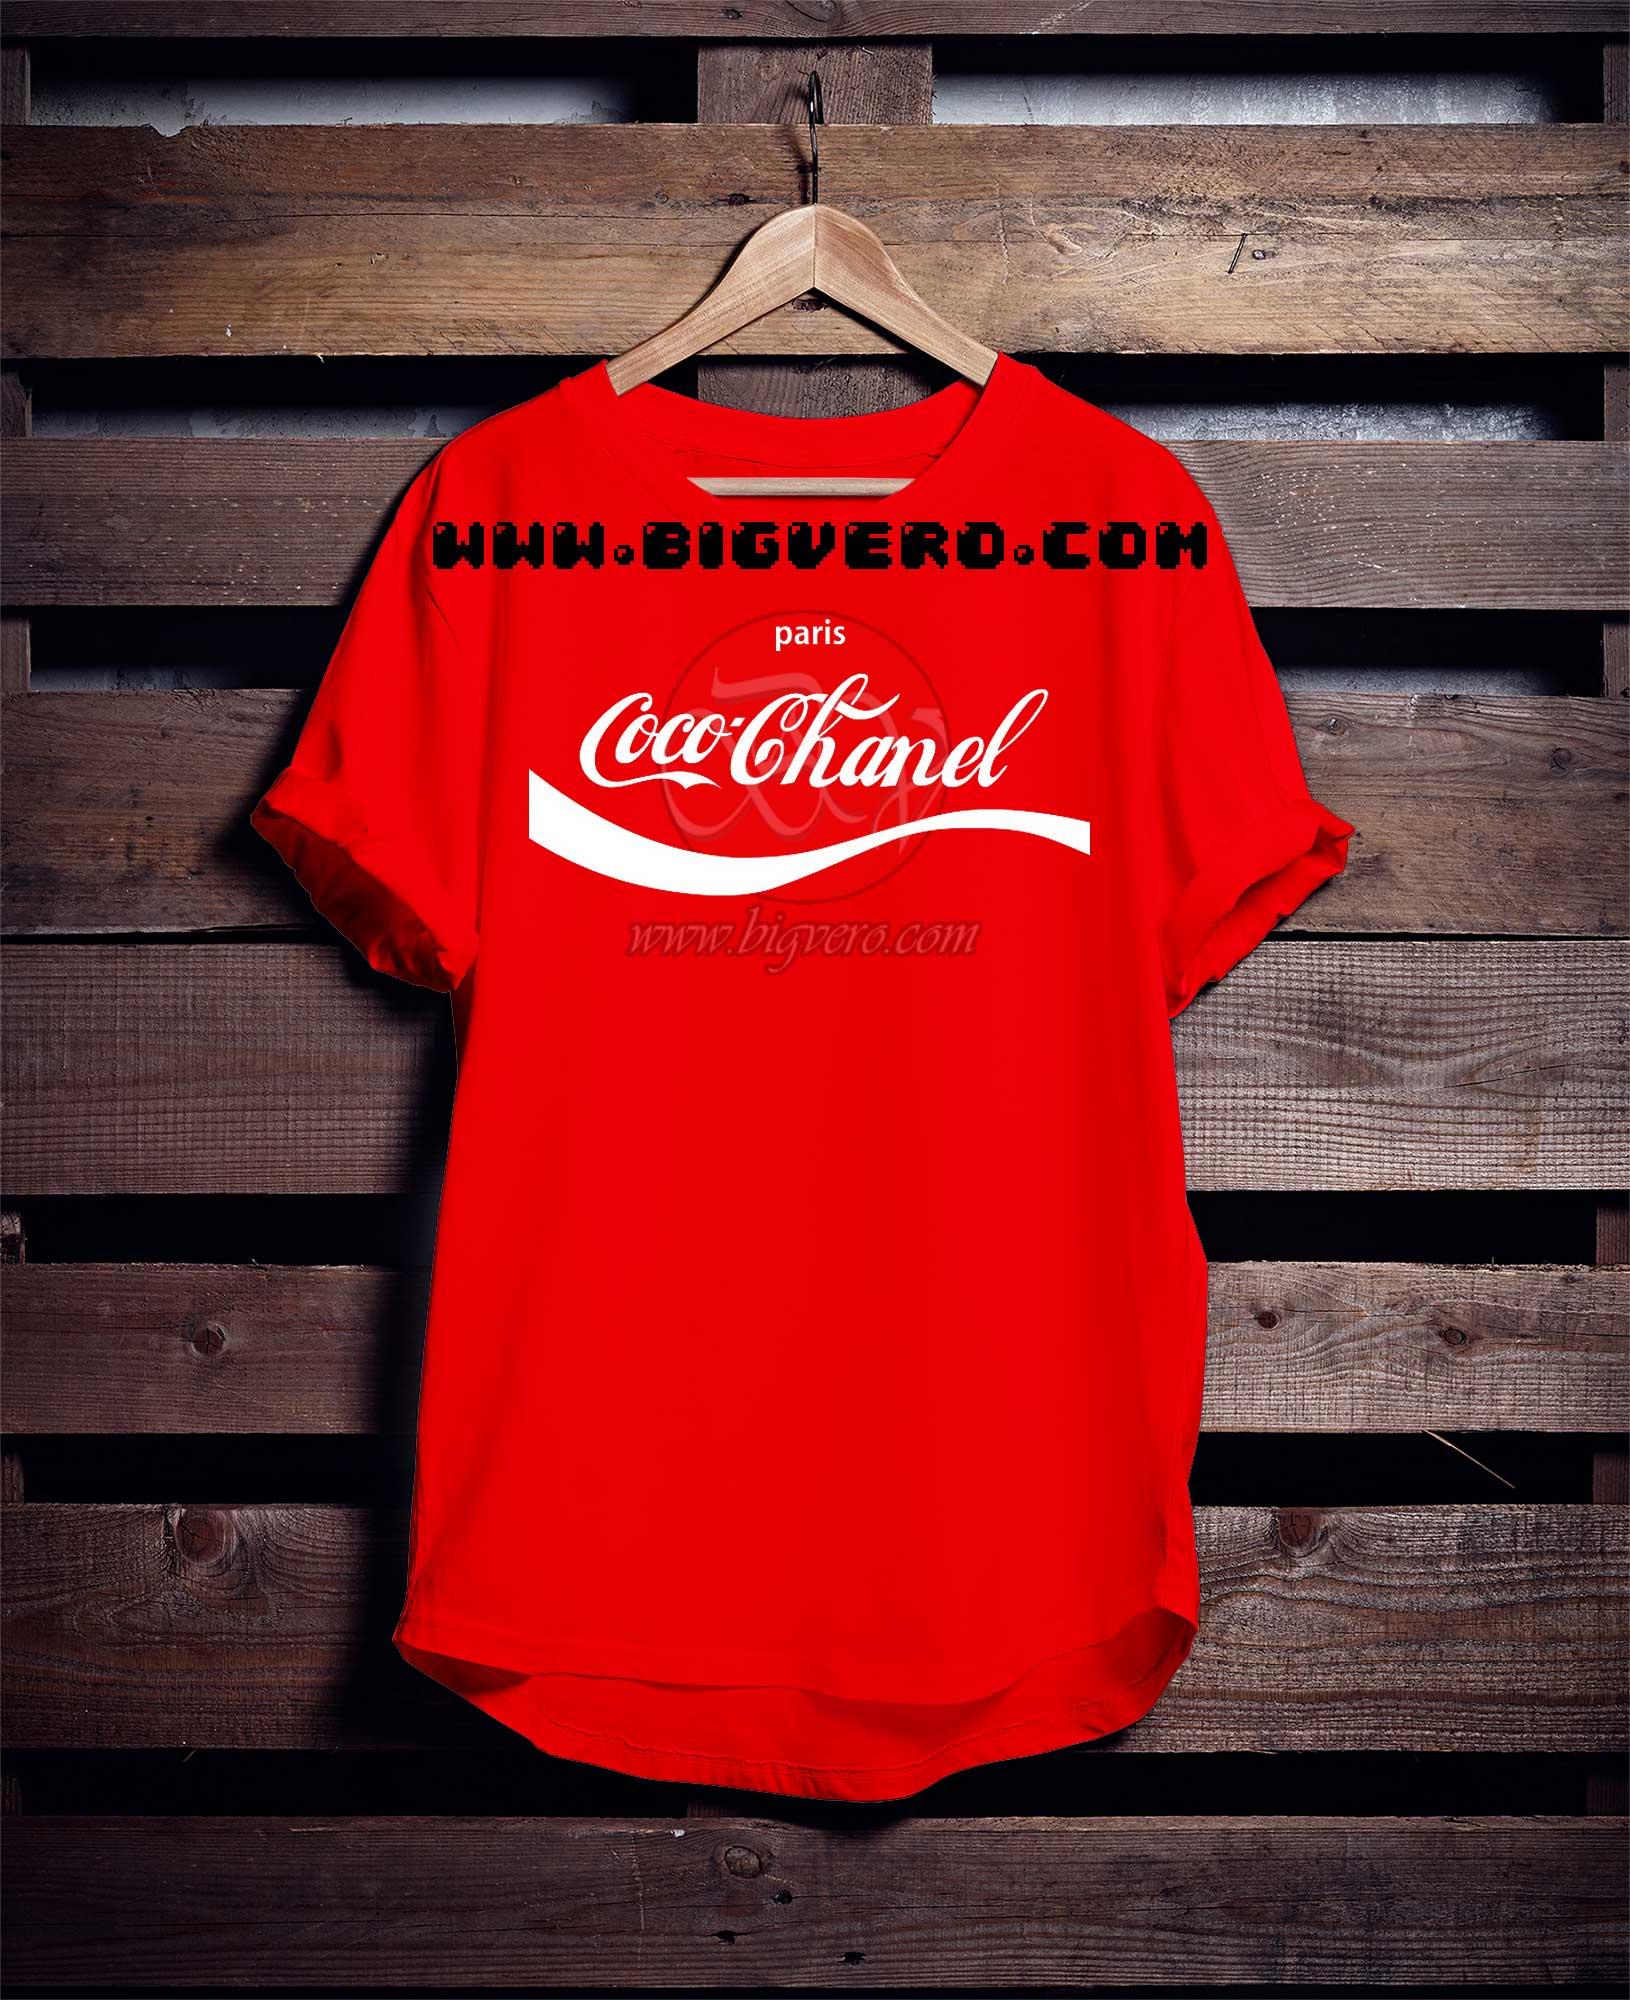 83663e8b2 Paris Coco Chanel ParodyTshirt | Cool Tshirt Designs - Bigvero.com